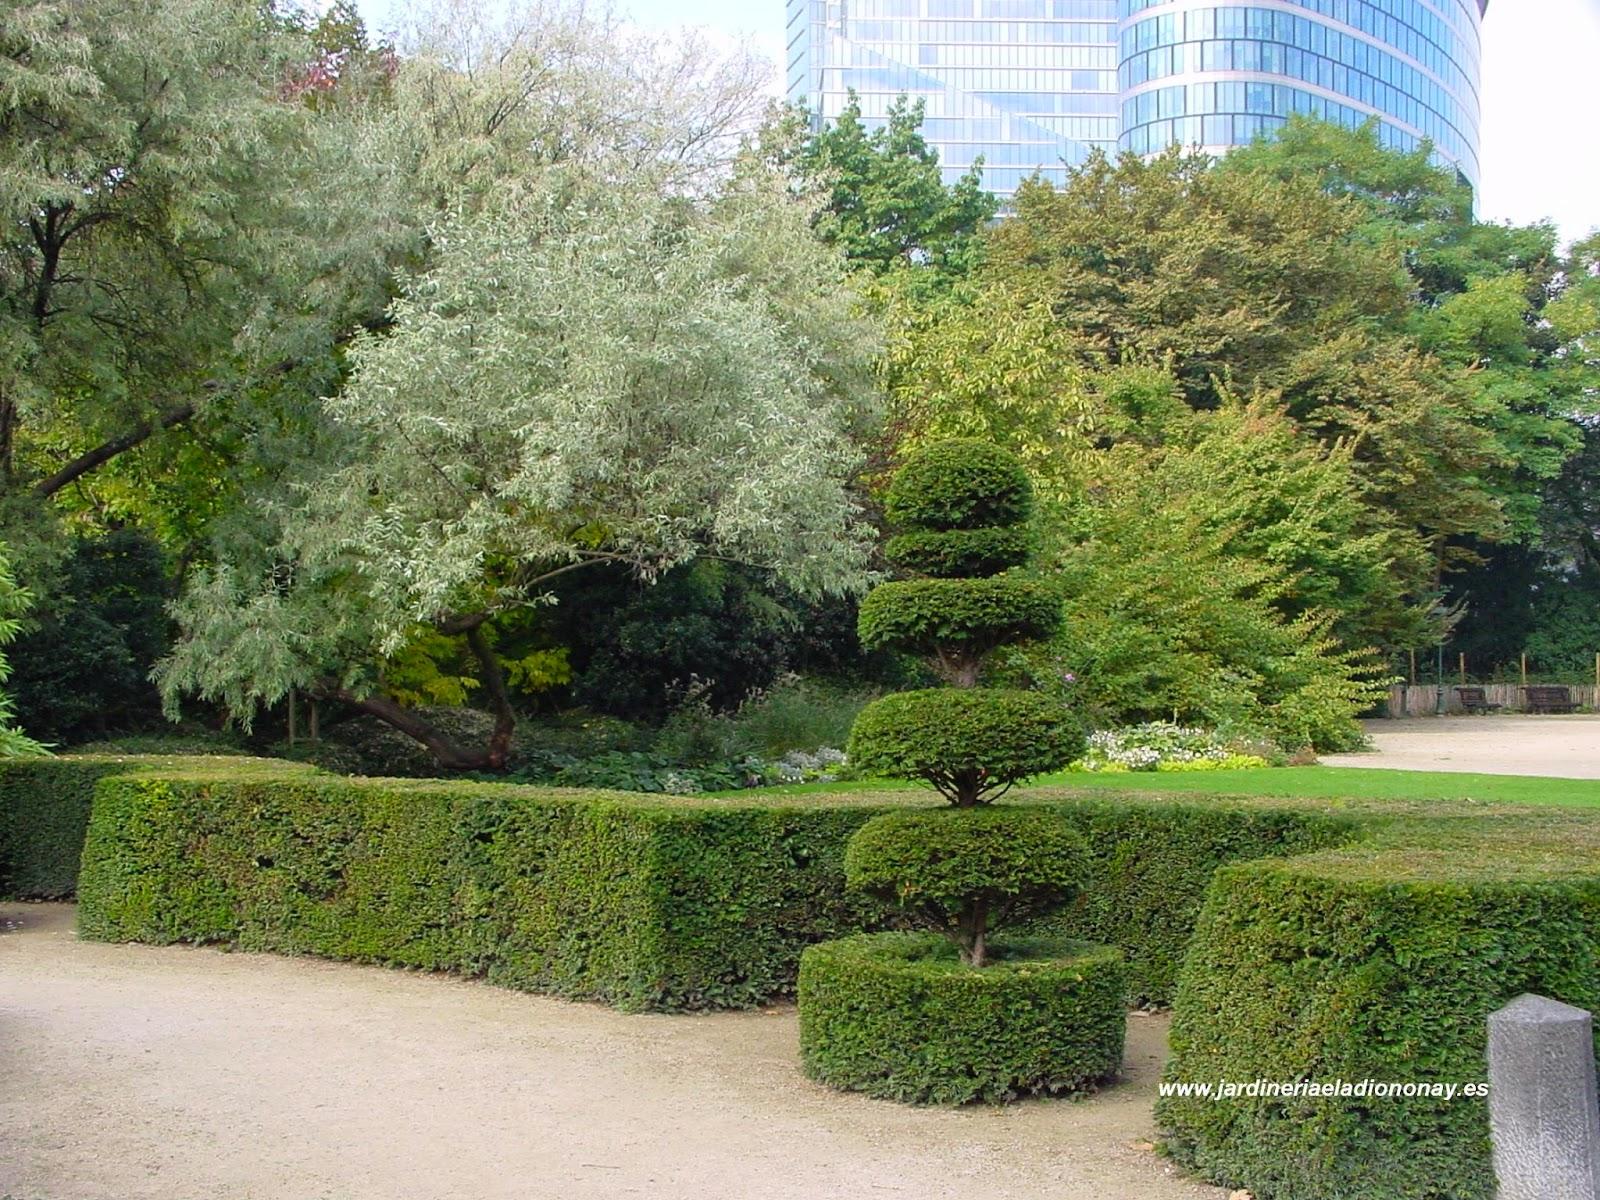 jardineria eladio nonay recorte ornamental jardiner a